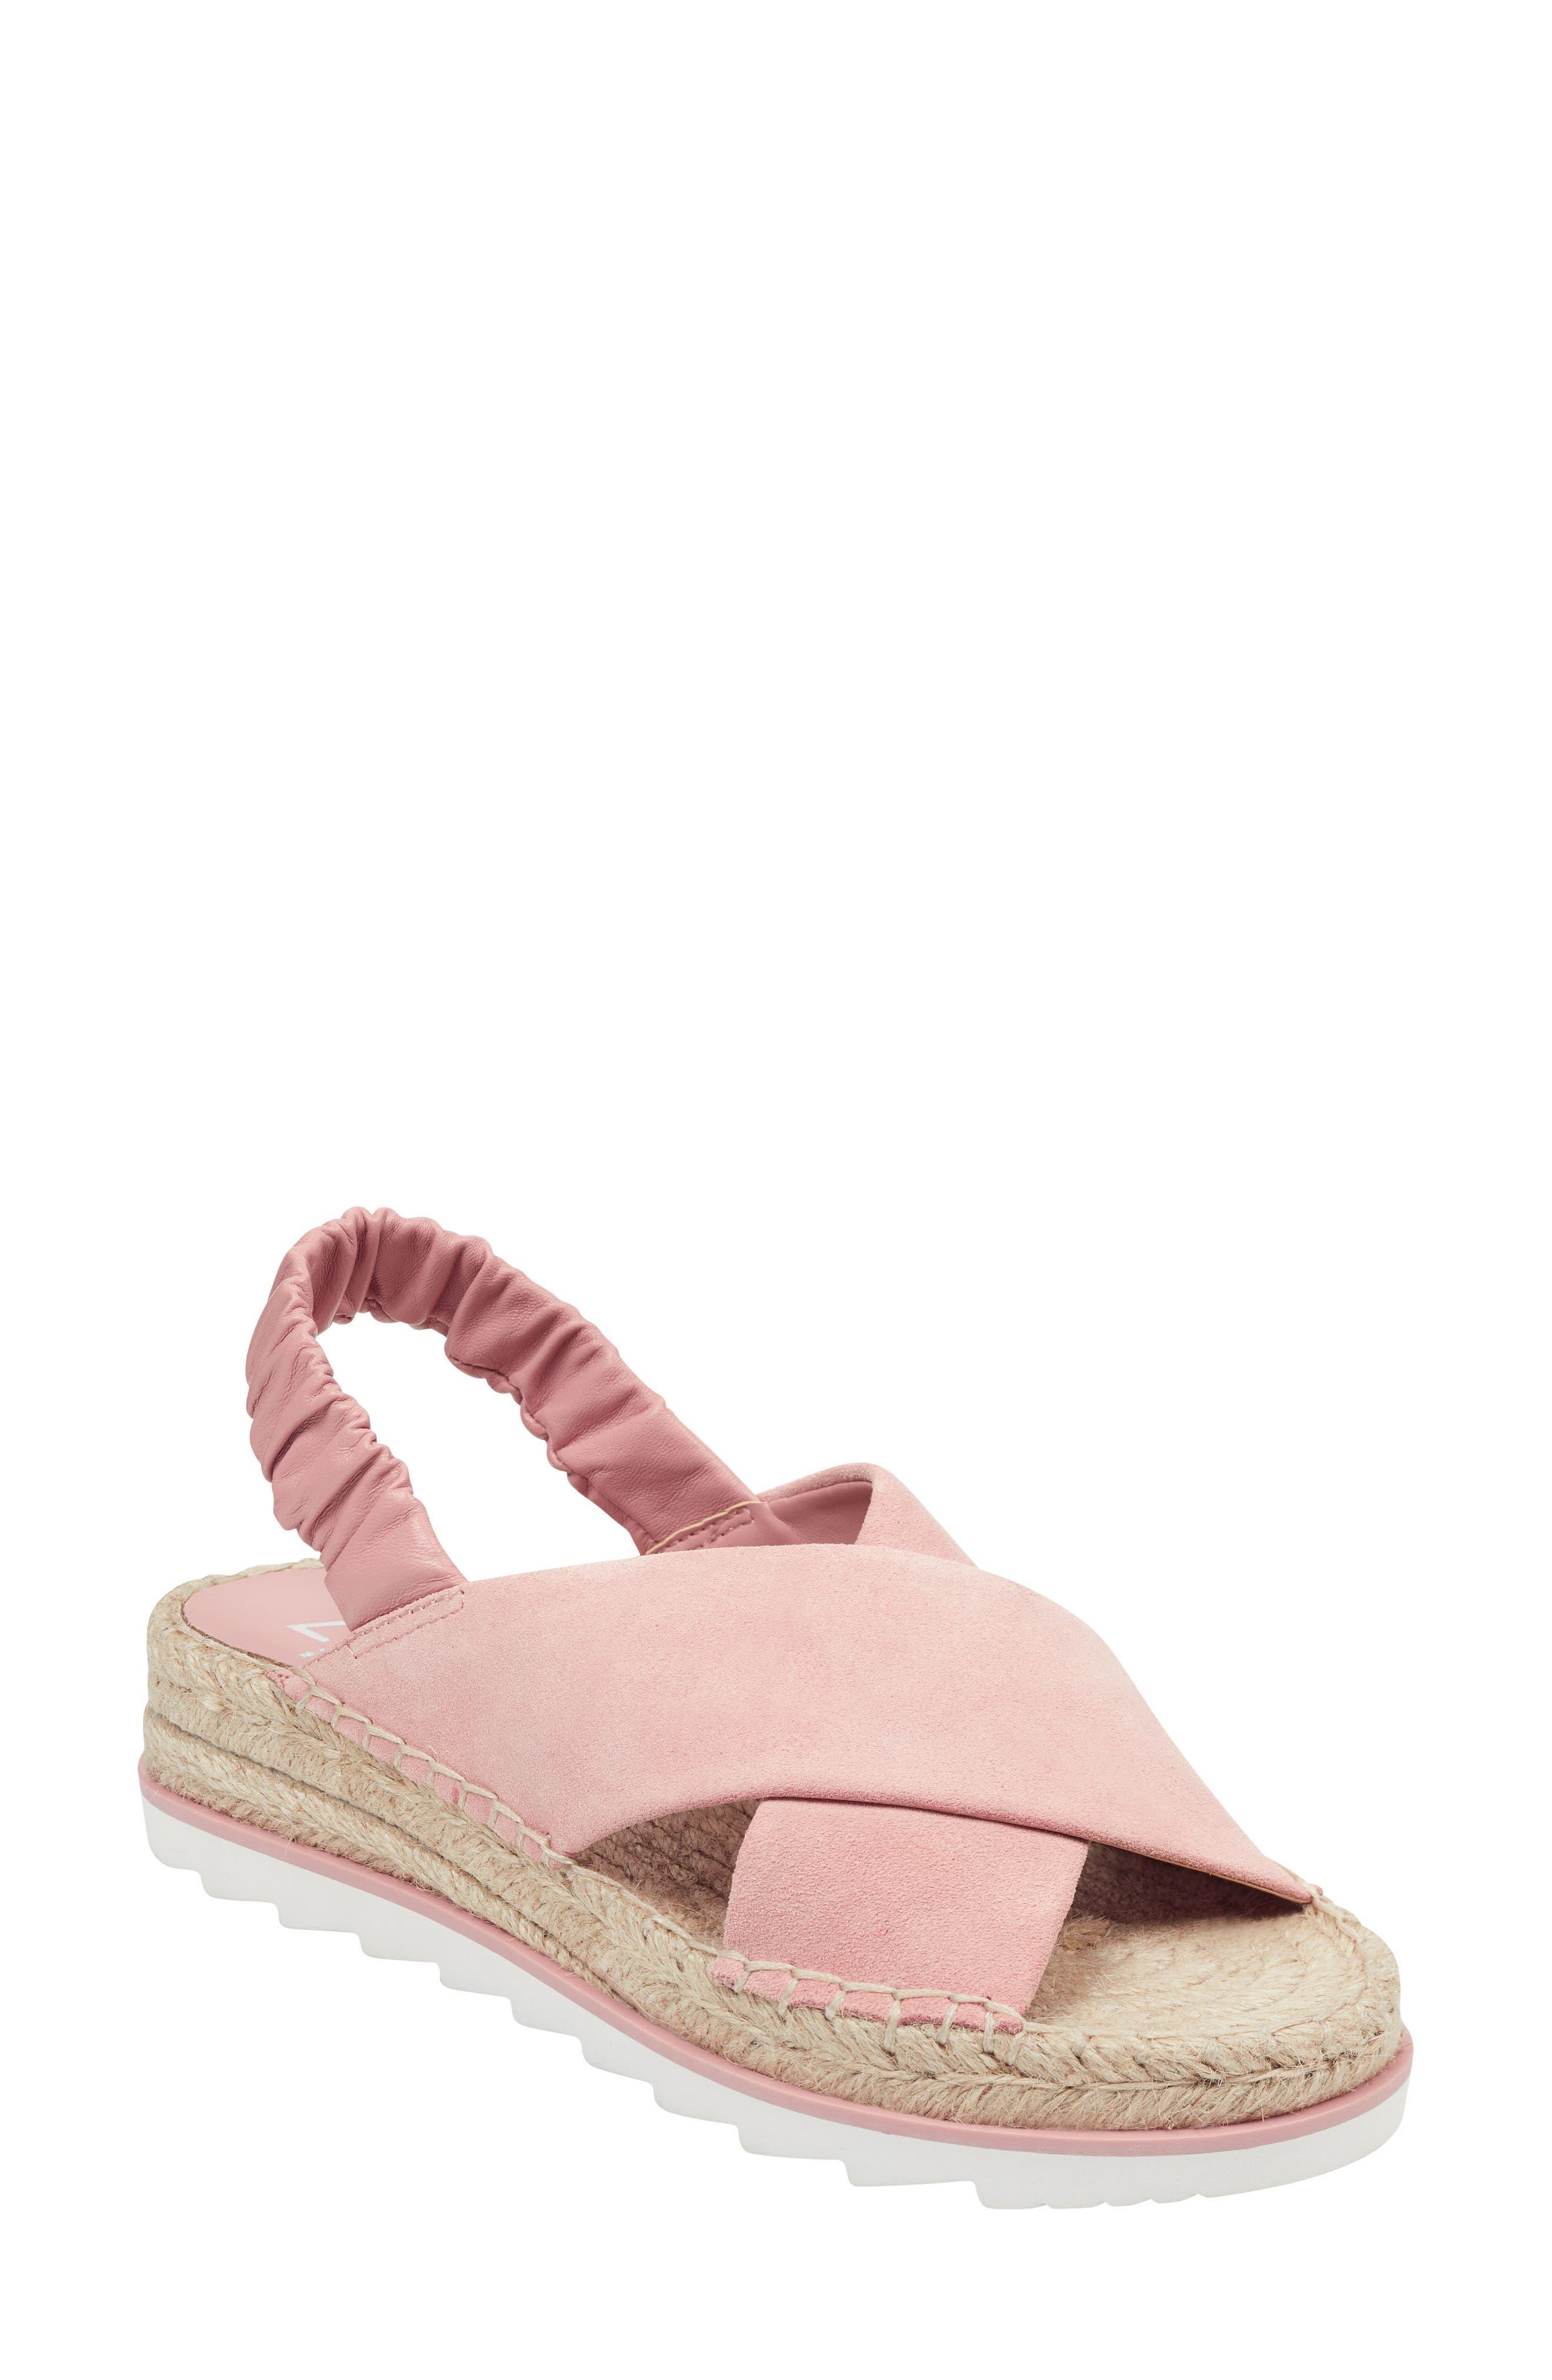 Marc Fisher Ltd Pella Sandal, Pink